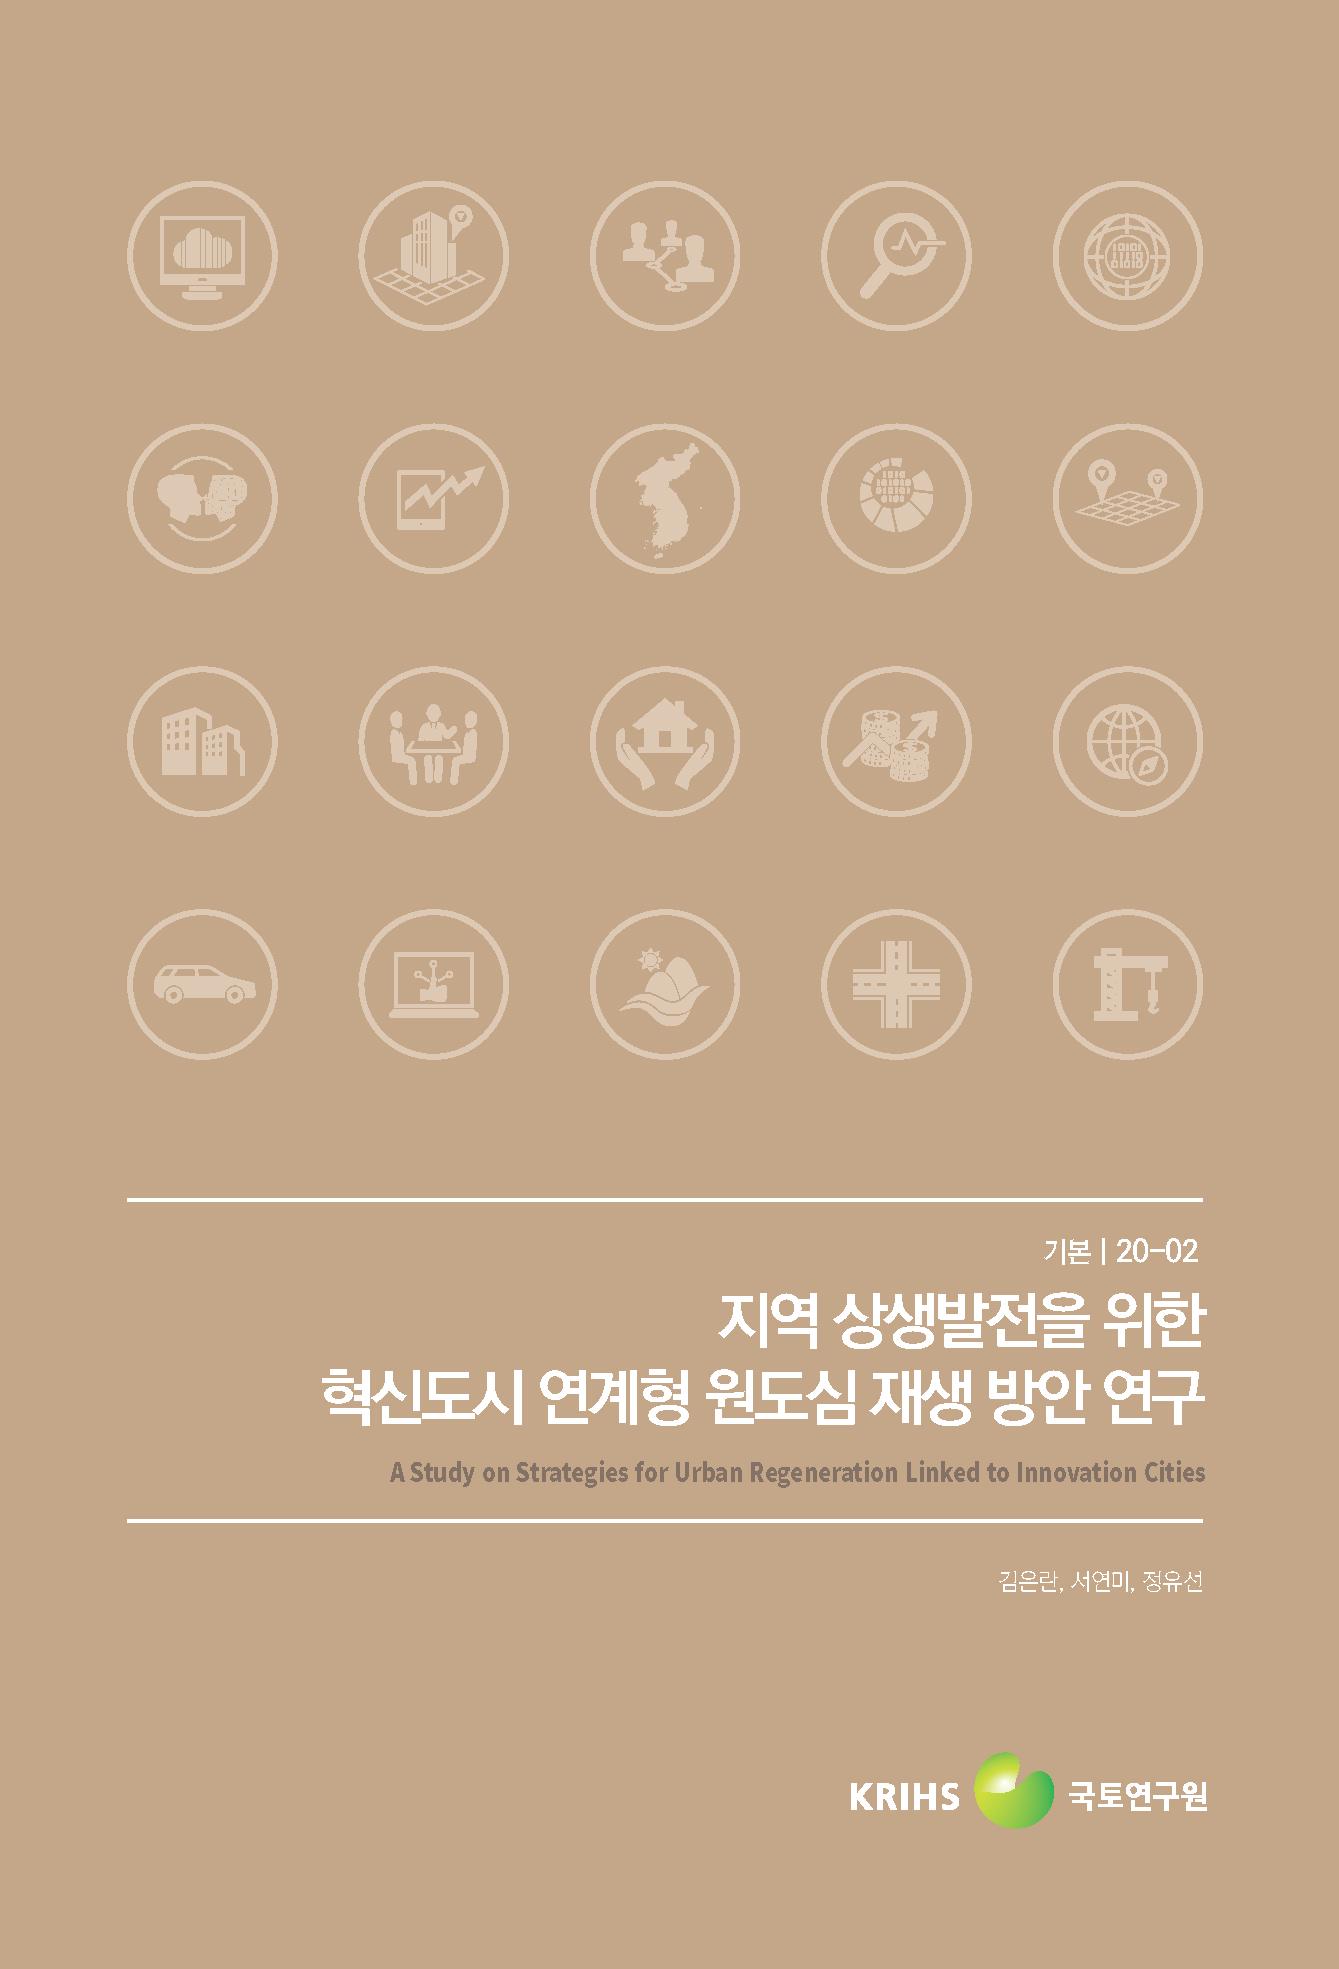 지역 상생발전을 위한 혁신도시 연계형 원도심 재생 방안 연구표지